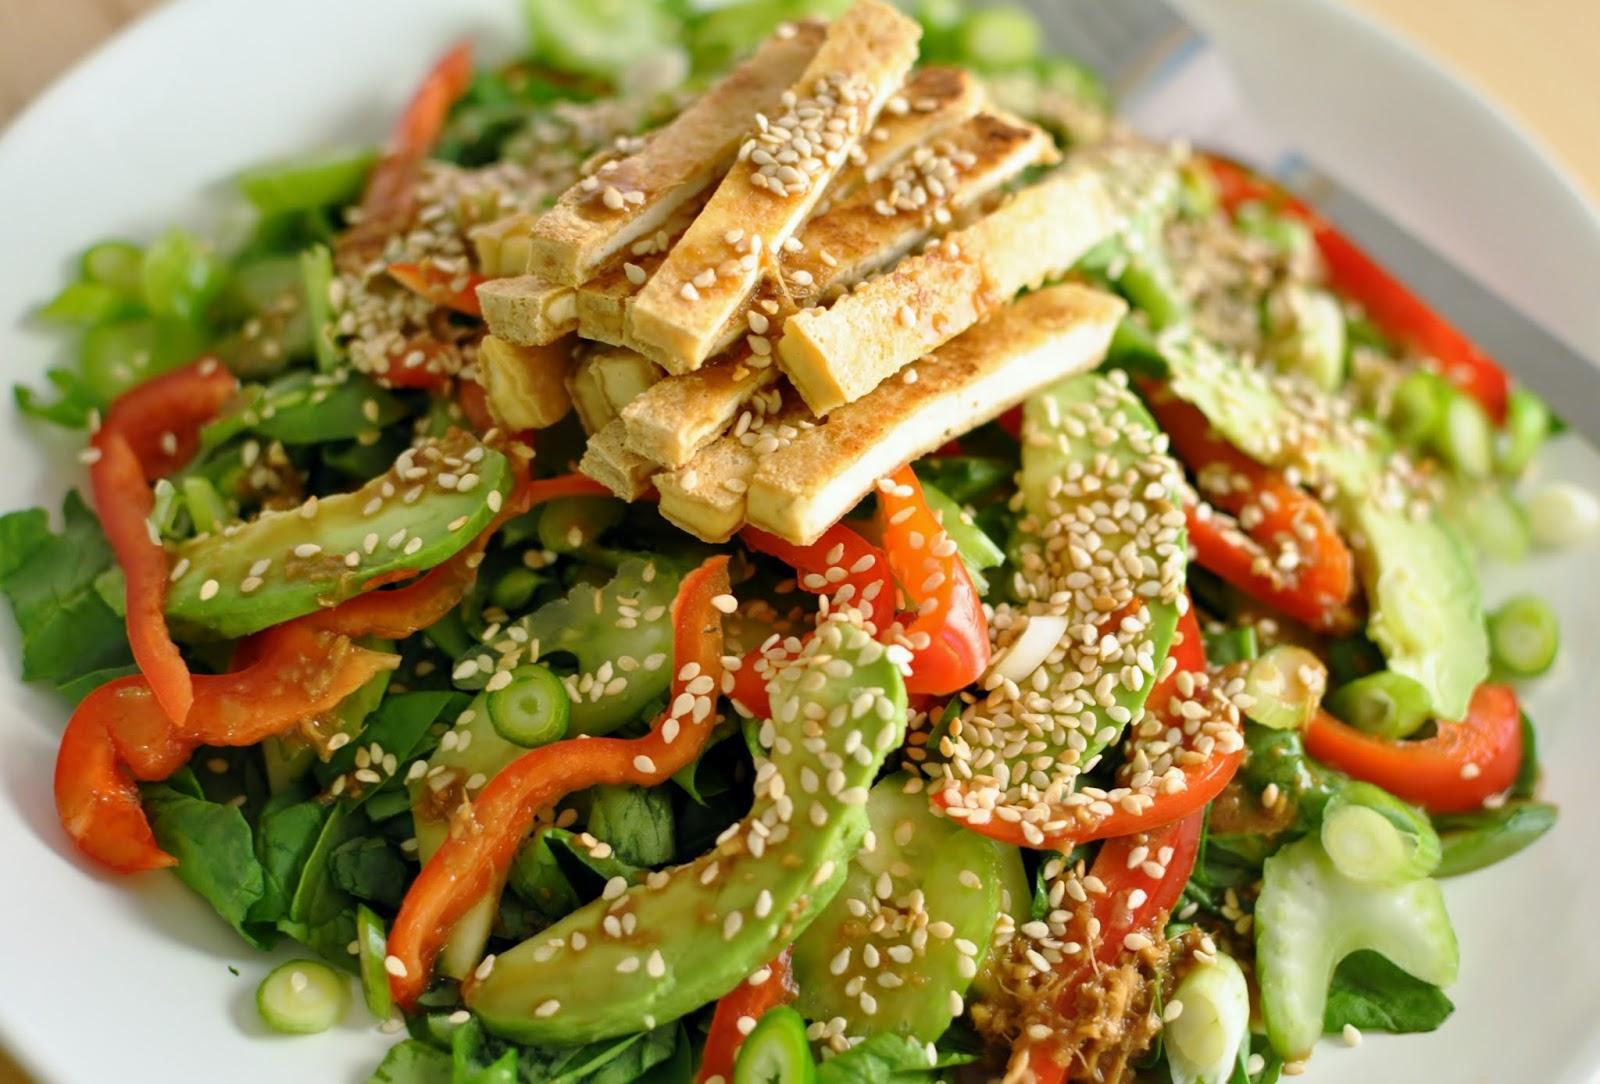 позволяет также салат из тофу рецепты с фото последовательность